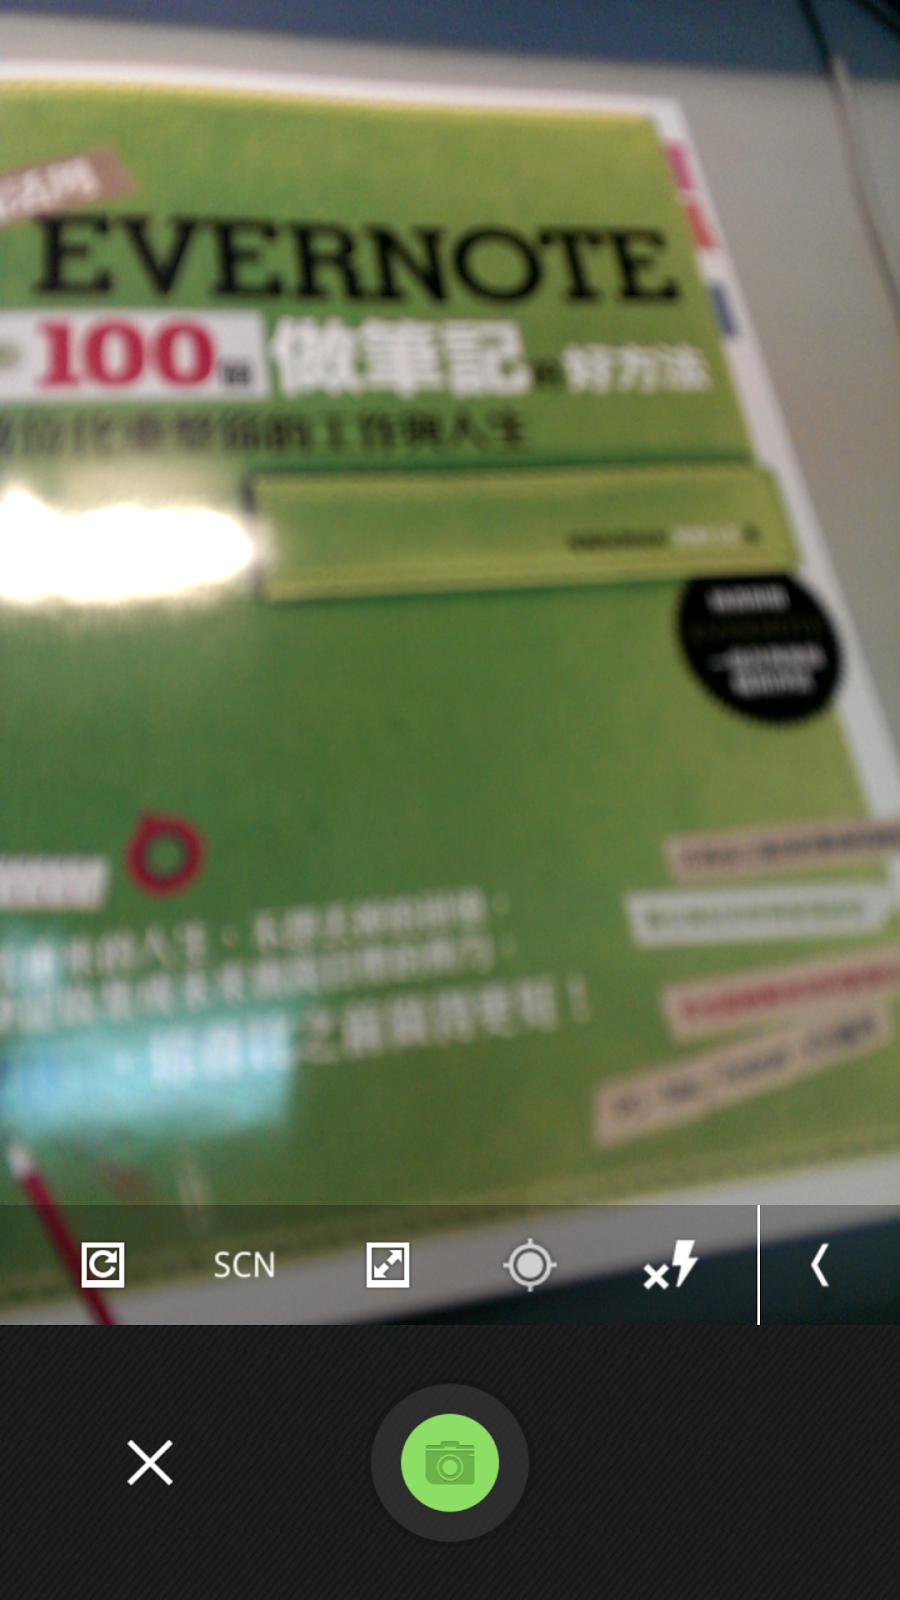 蘋果必知 - Magazine cover